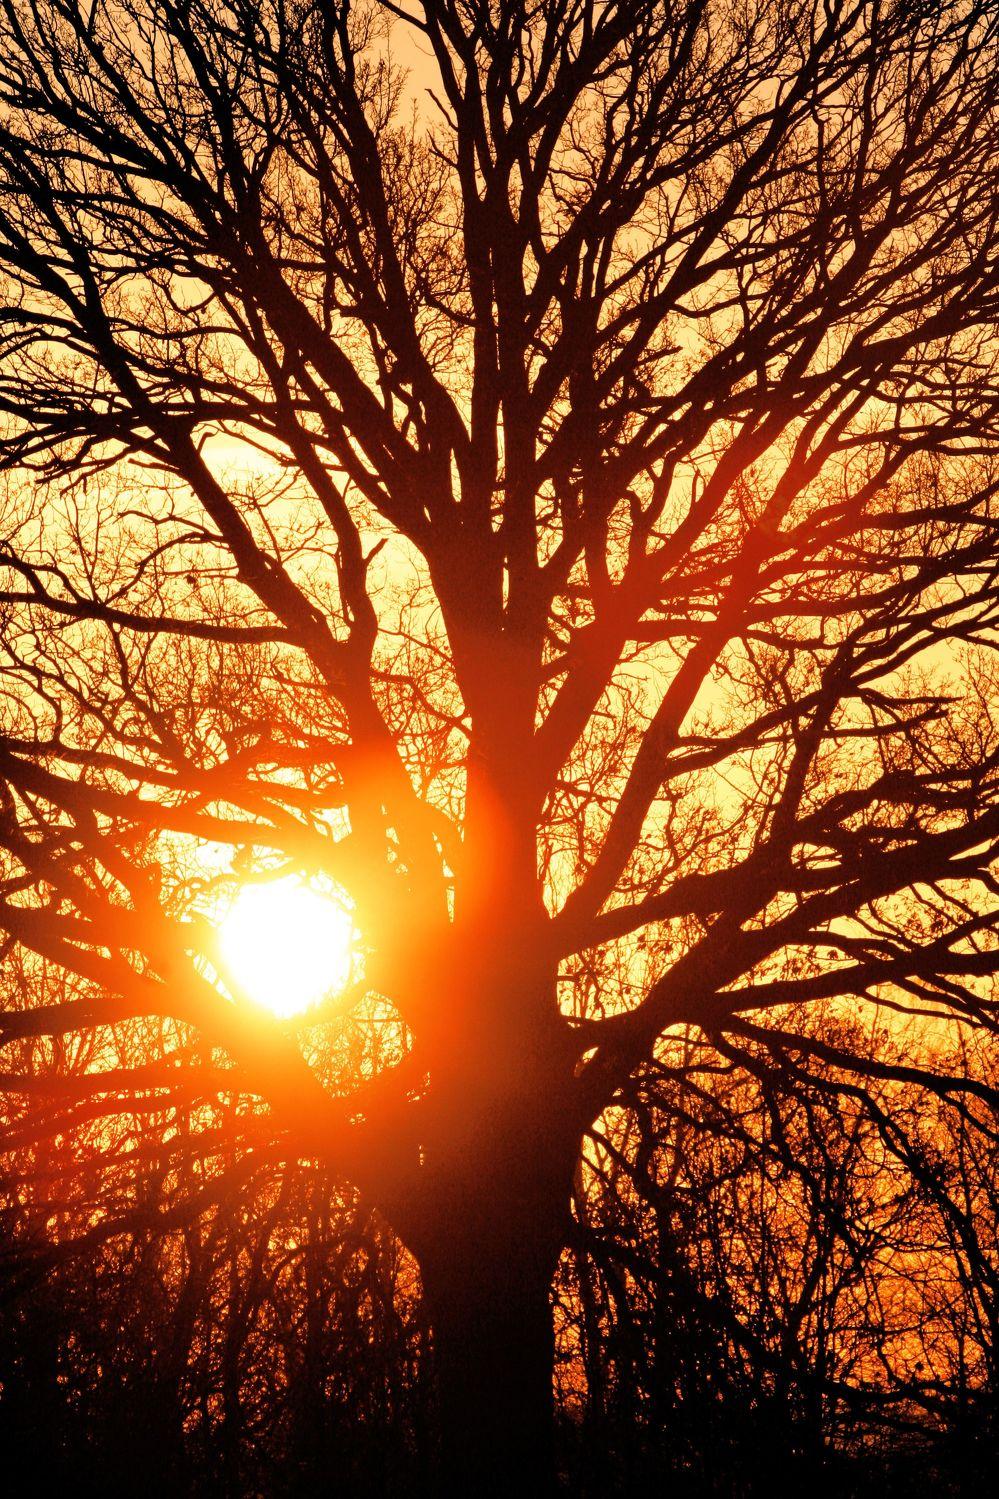 Bild mit Farben, Orange, Natur, Pflanzen, Landschaften, Himmel, Bäume, Sonnenuntergang, Sonnenuntergang, Sonnenaufgang, Abendrot, Morgenrot, Wald, Baum, Eiche, Tree, Trees, Sonnenschein durch eine Baumkrone